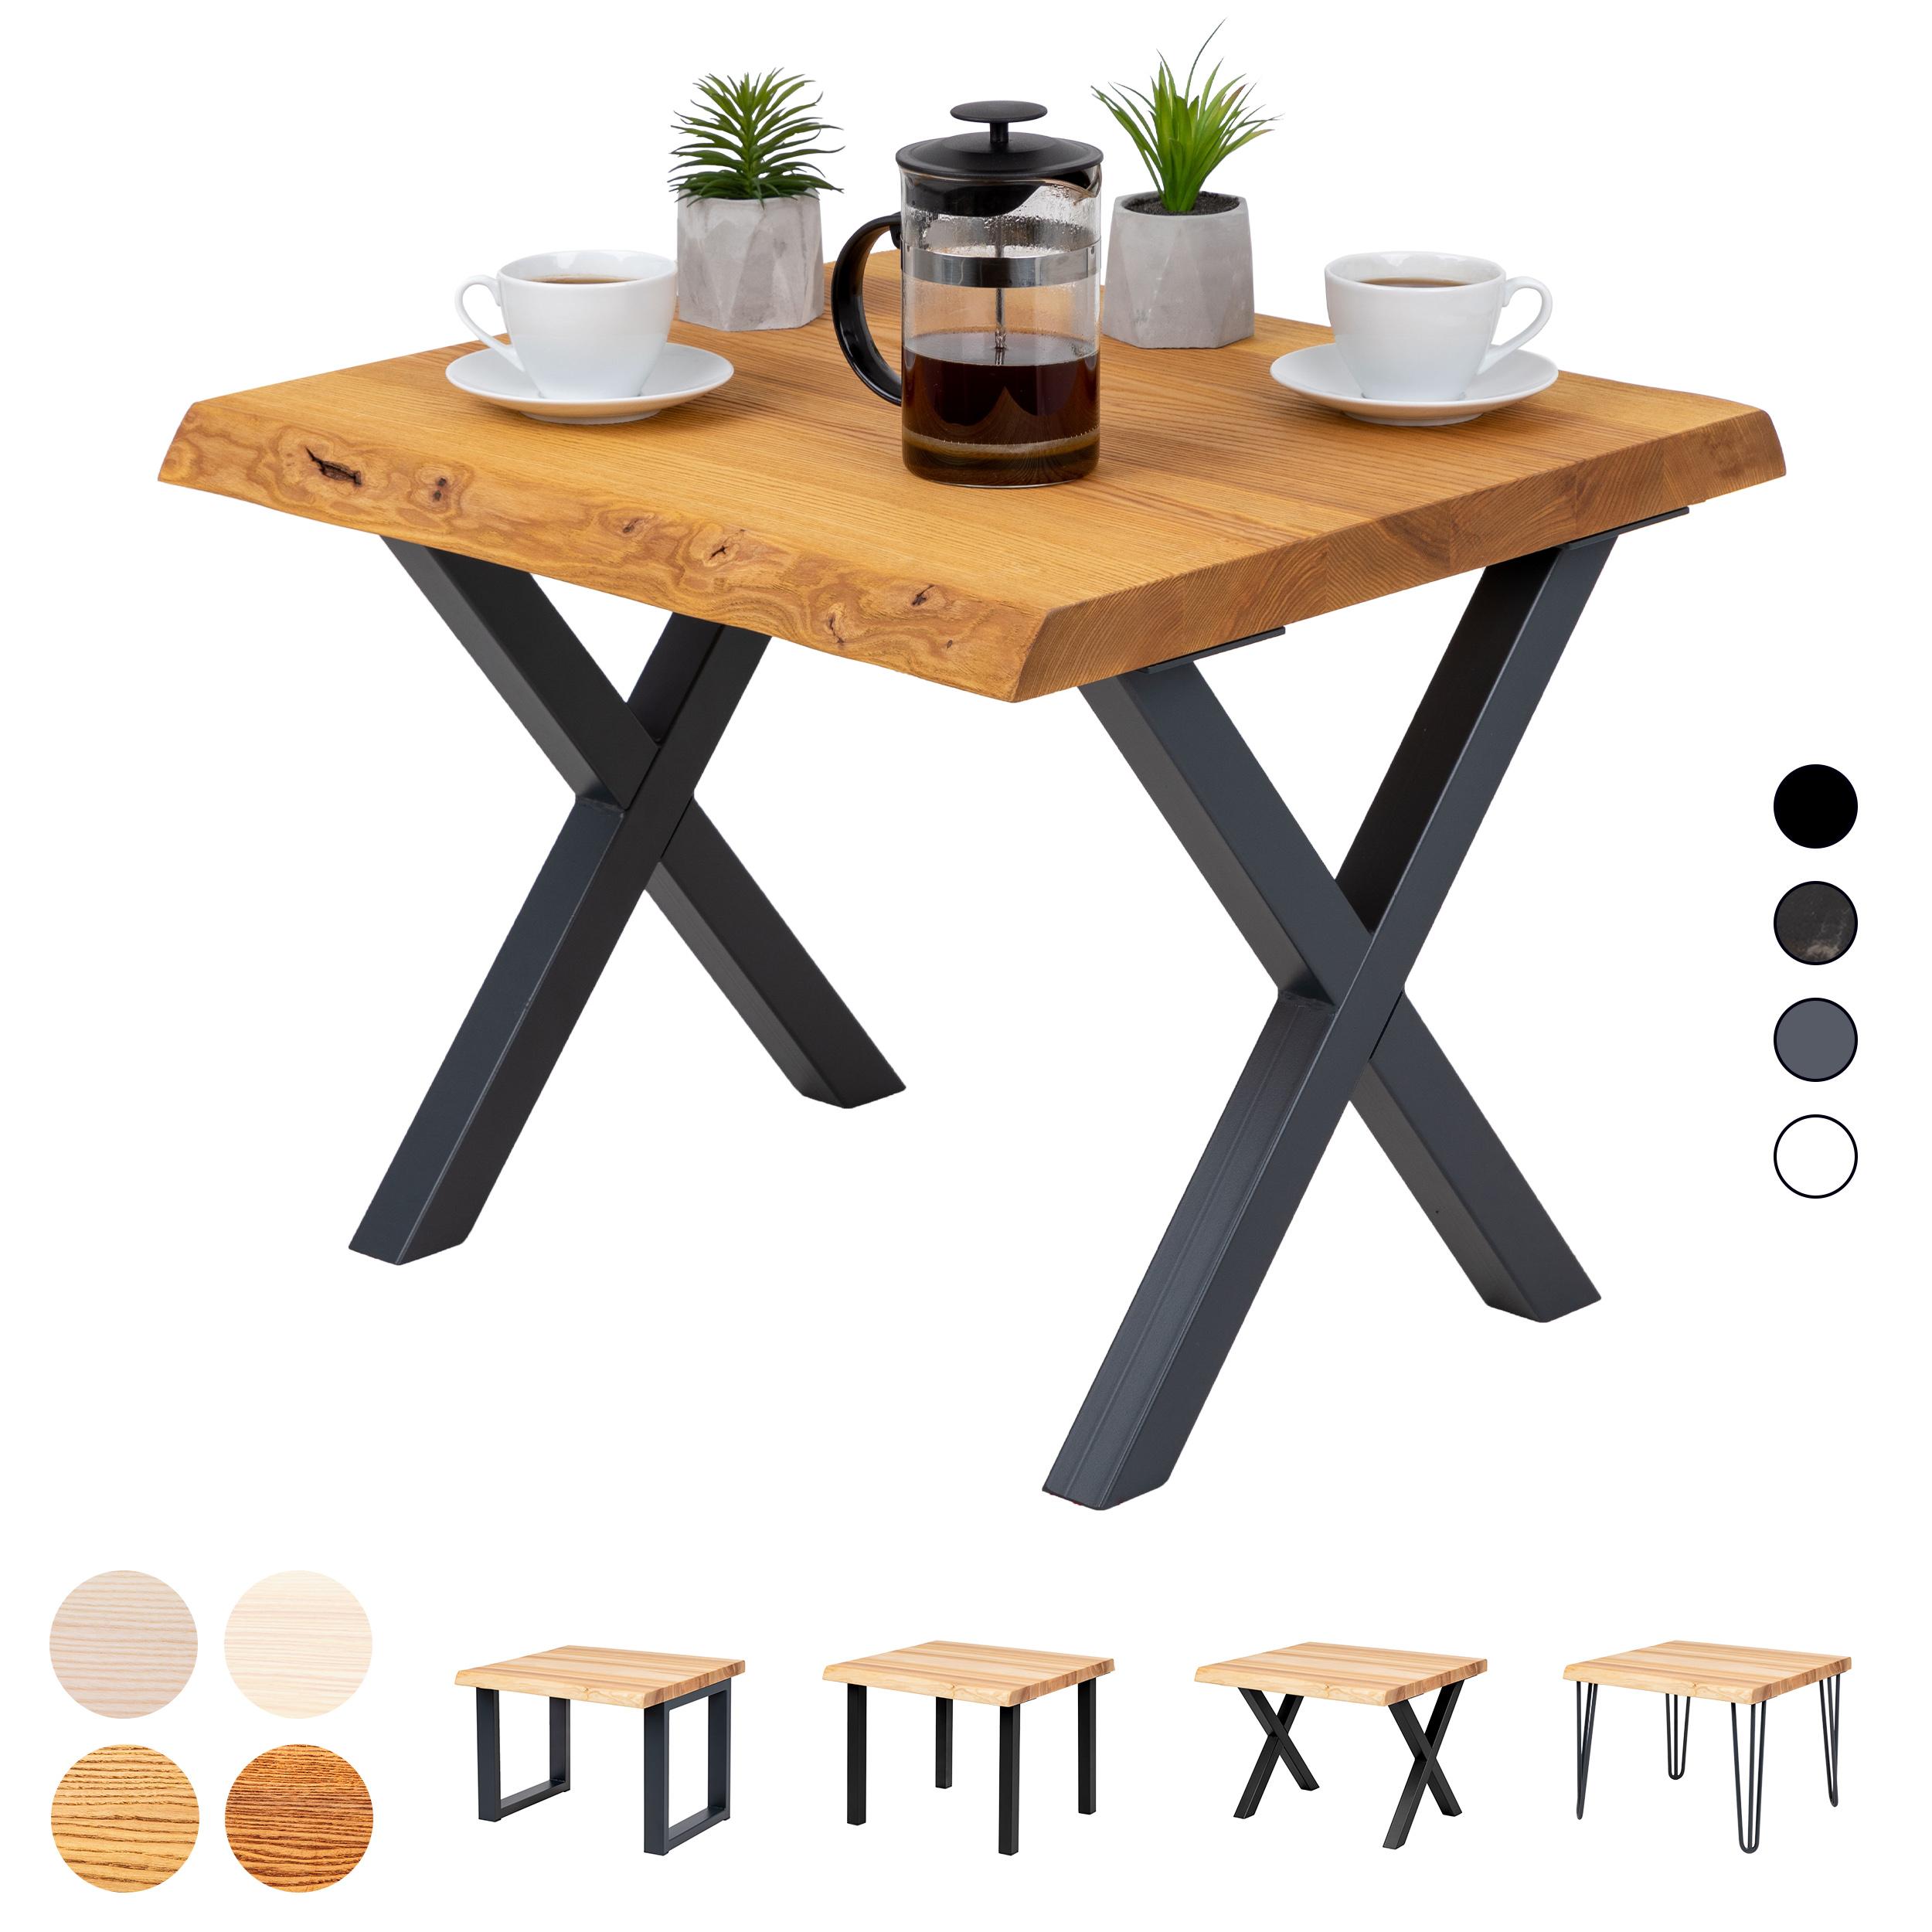 Dąb, sosna czy jesion? - jakie drewno na meble będzie najlepsze? 6